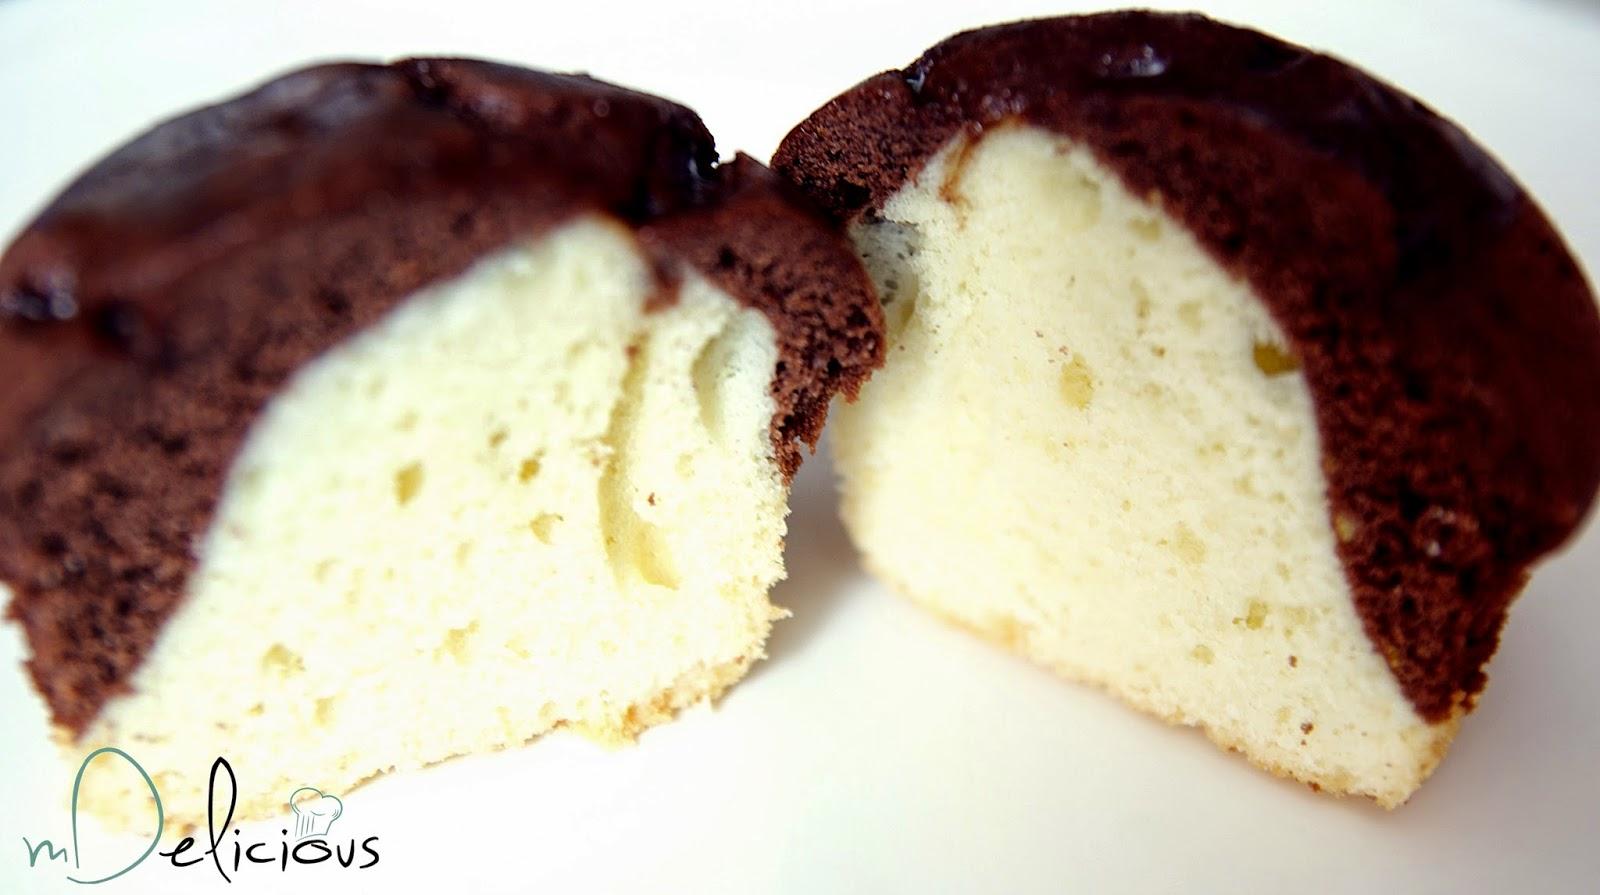 łaciate muffinki, babeczki łaciate,dwukolorowe muffinki, dwukolorowe babeczki, muffiny krówka